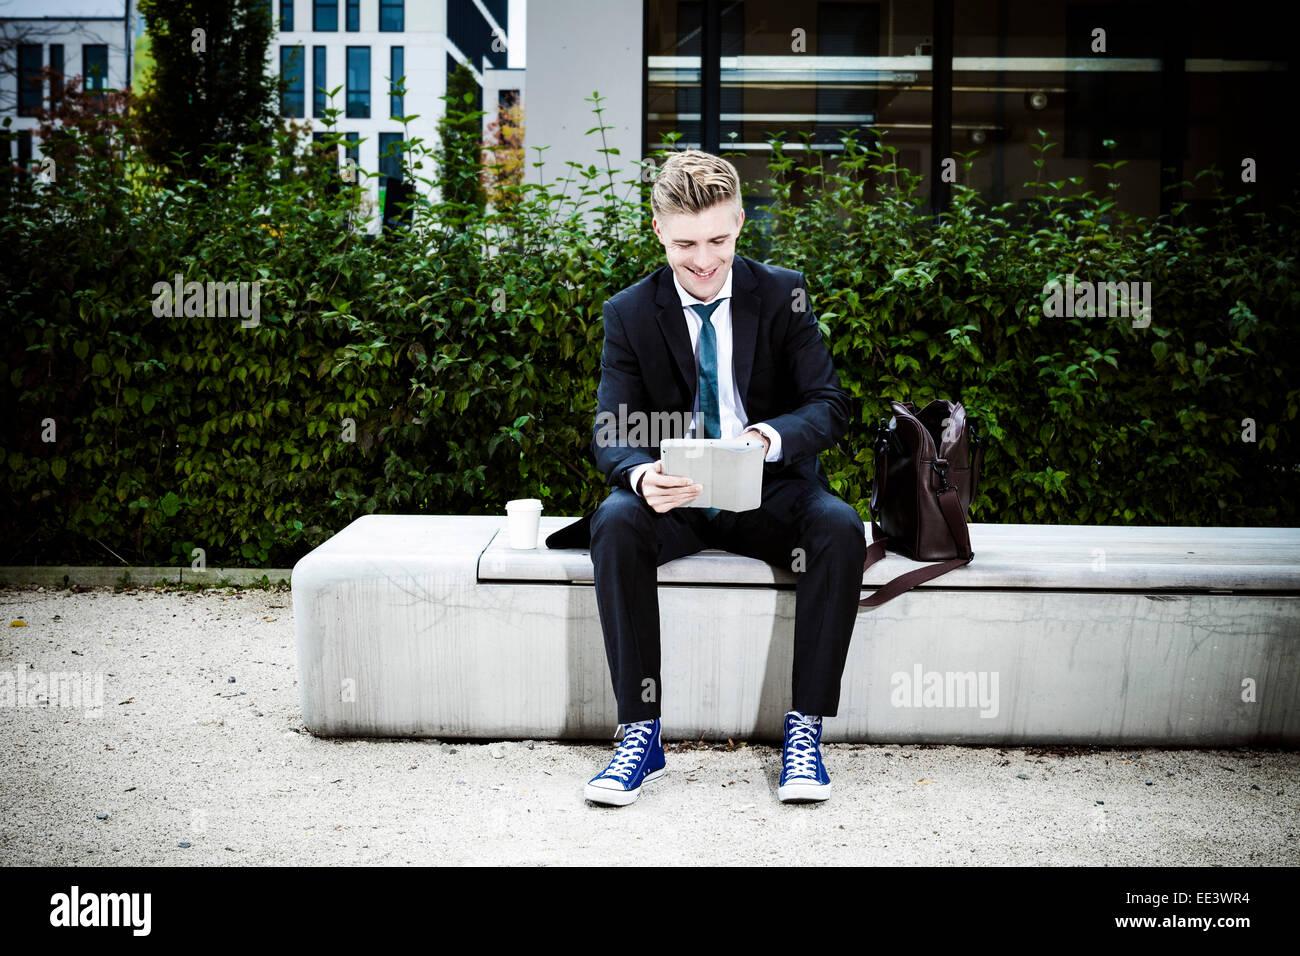 Giovane impreditore con tavoletta digitale all'aperto, Monaco di Baviera, Germania Immagini Stock